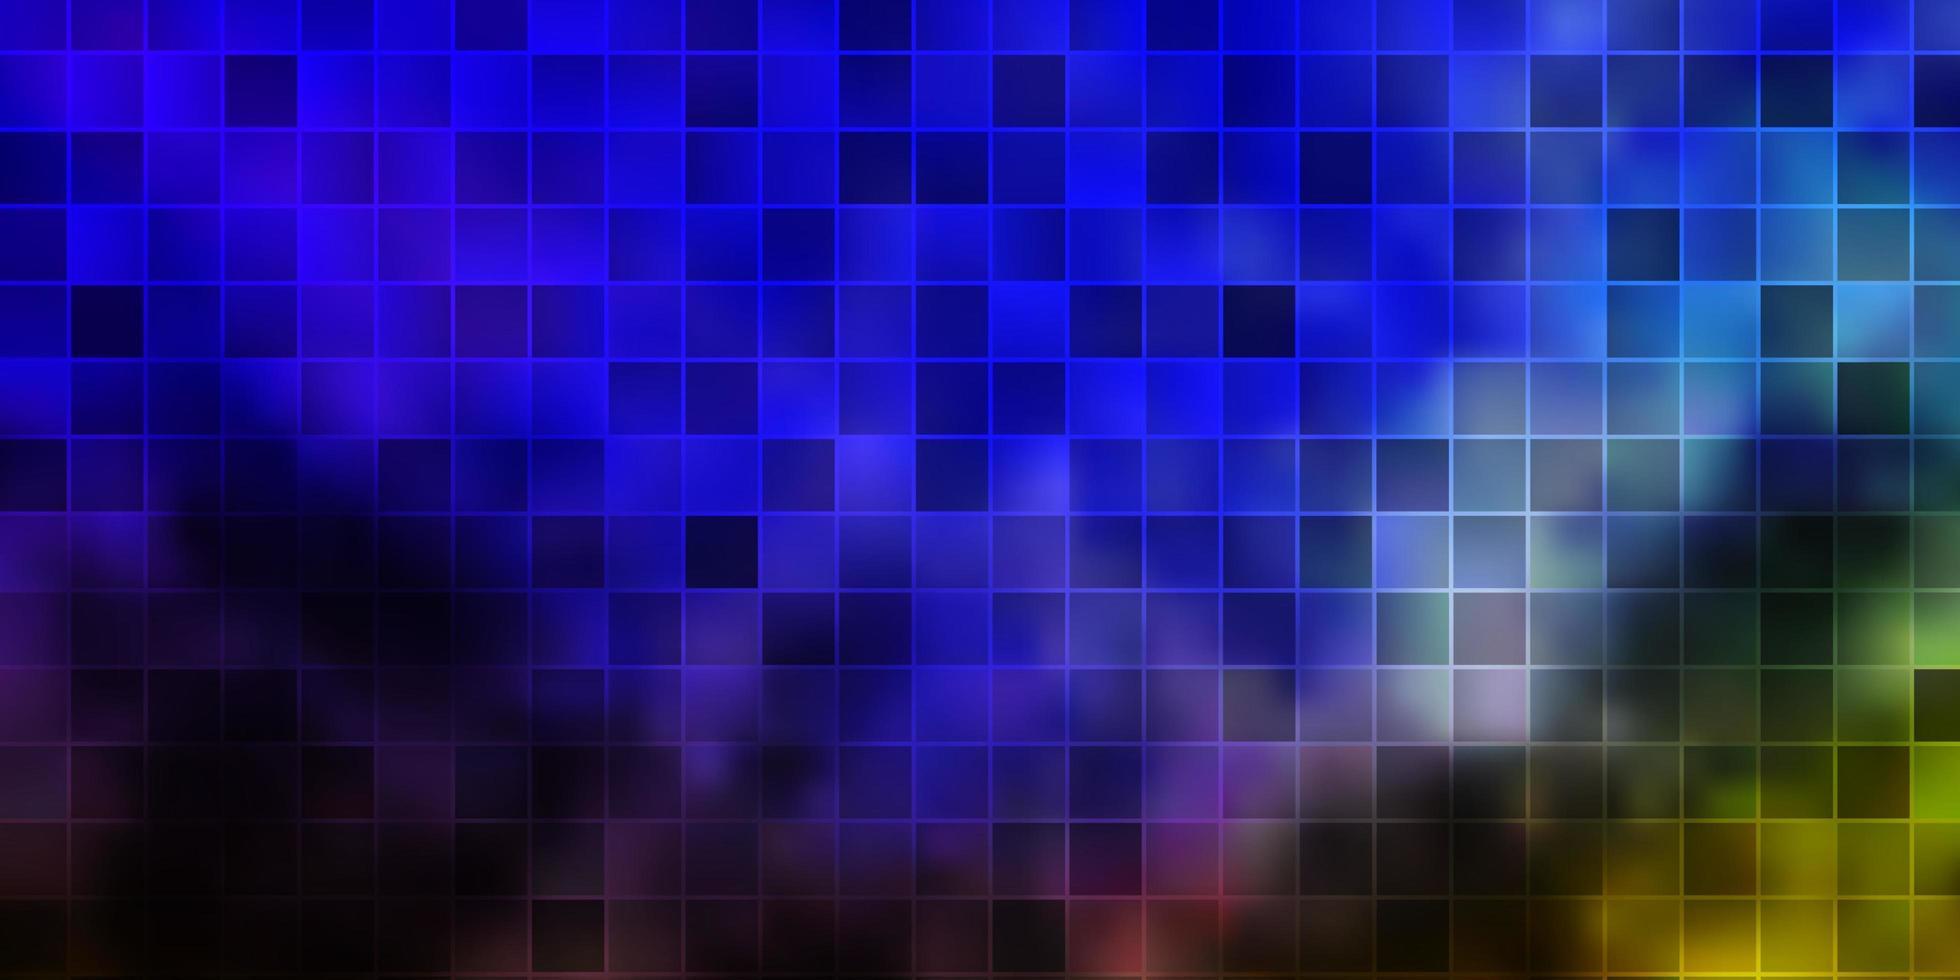 fundo vector azul claro e verde com retângulos